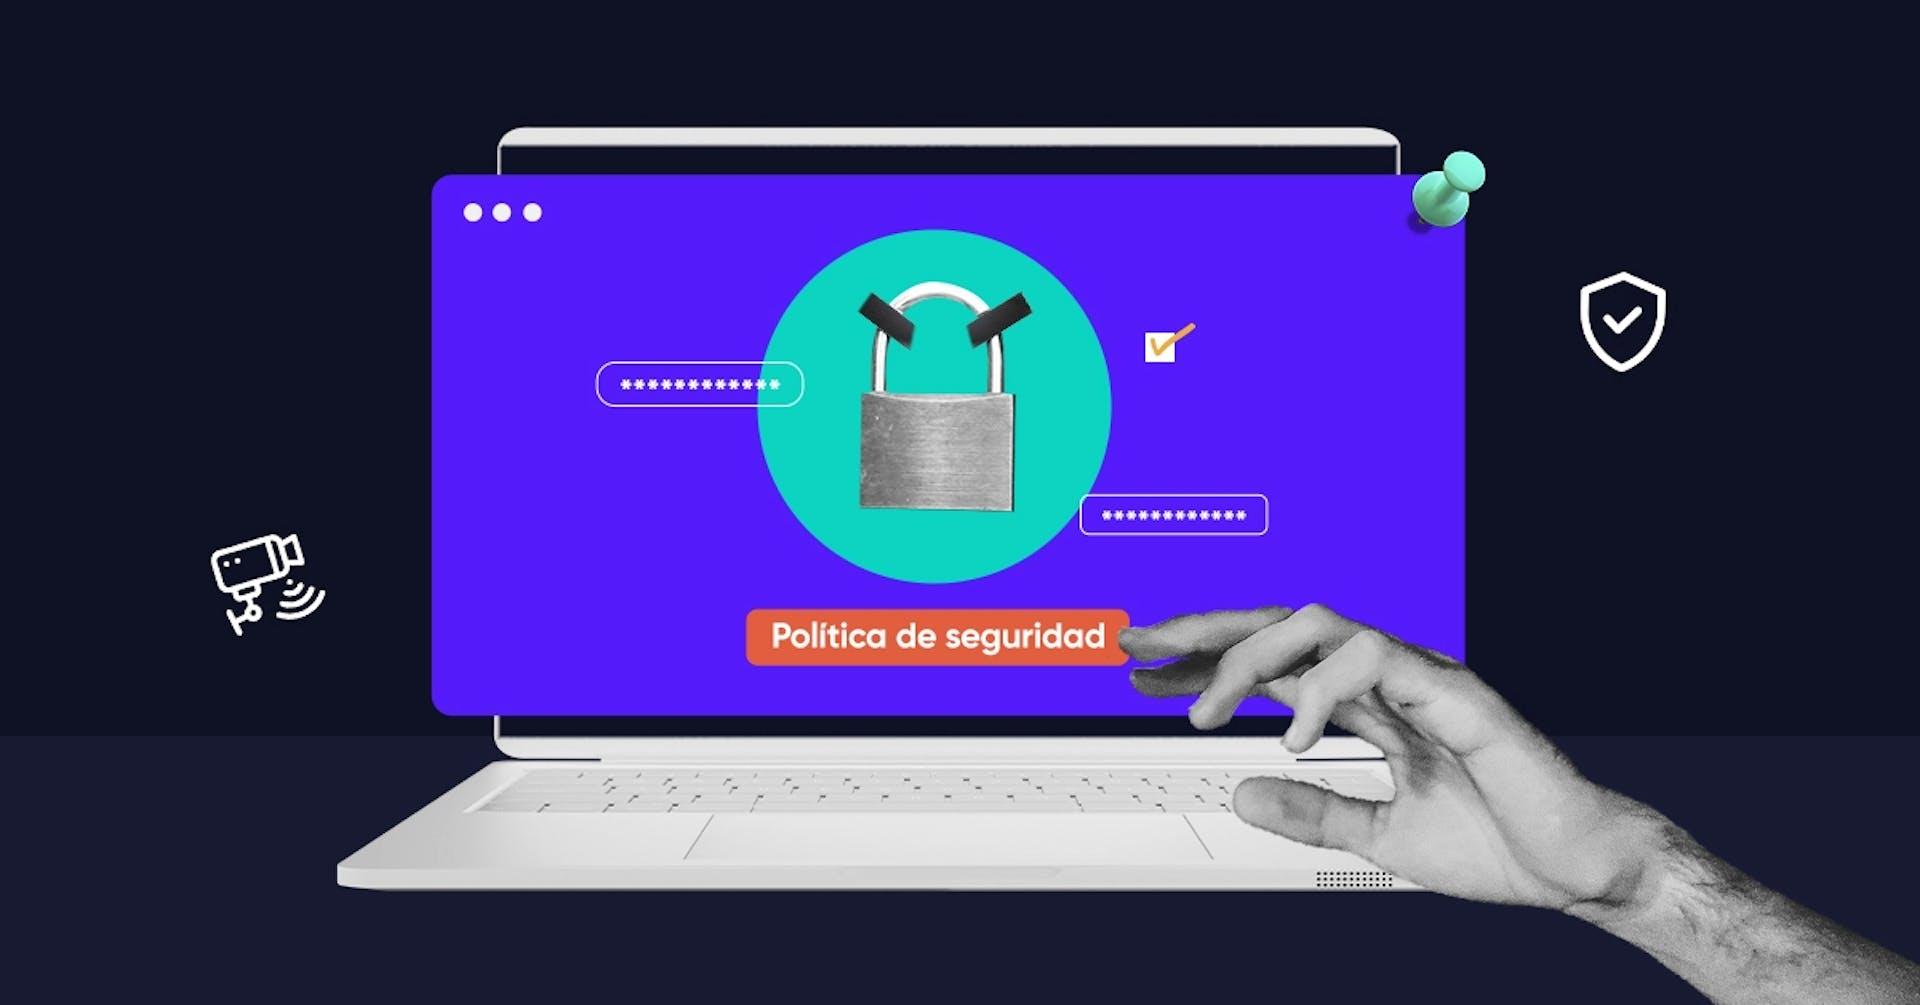 ¿Cómo hacer una política de privacidad para tu sitio web?